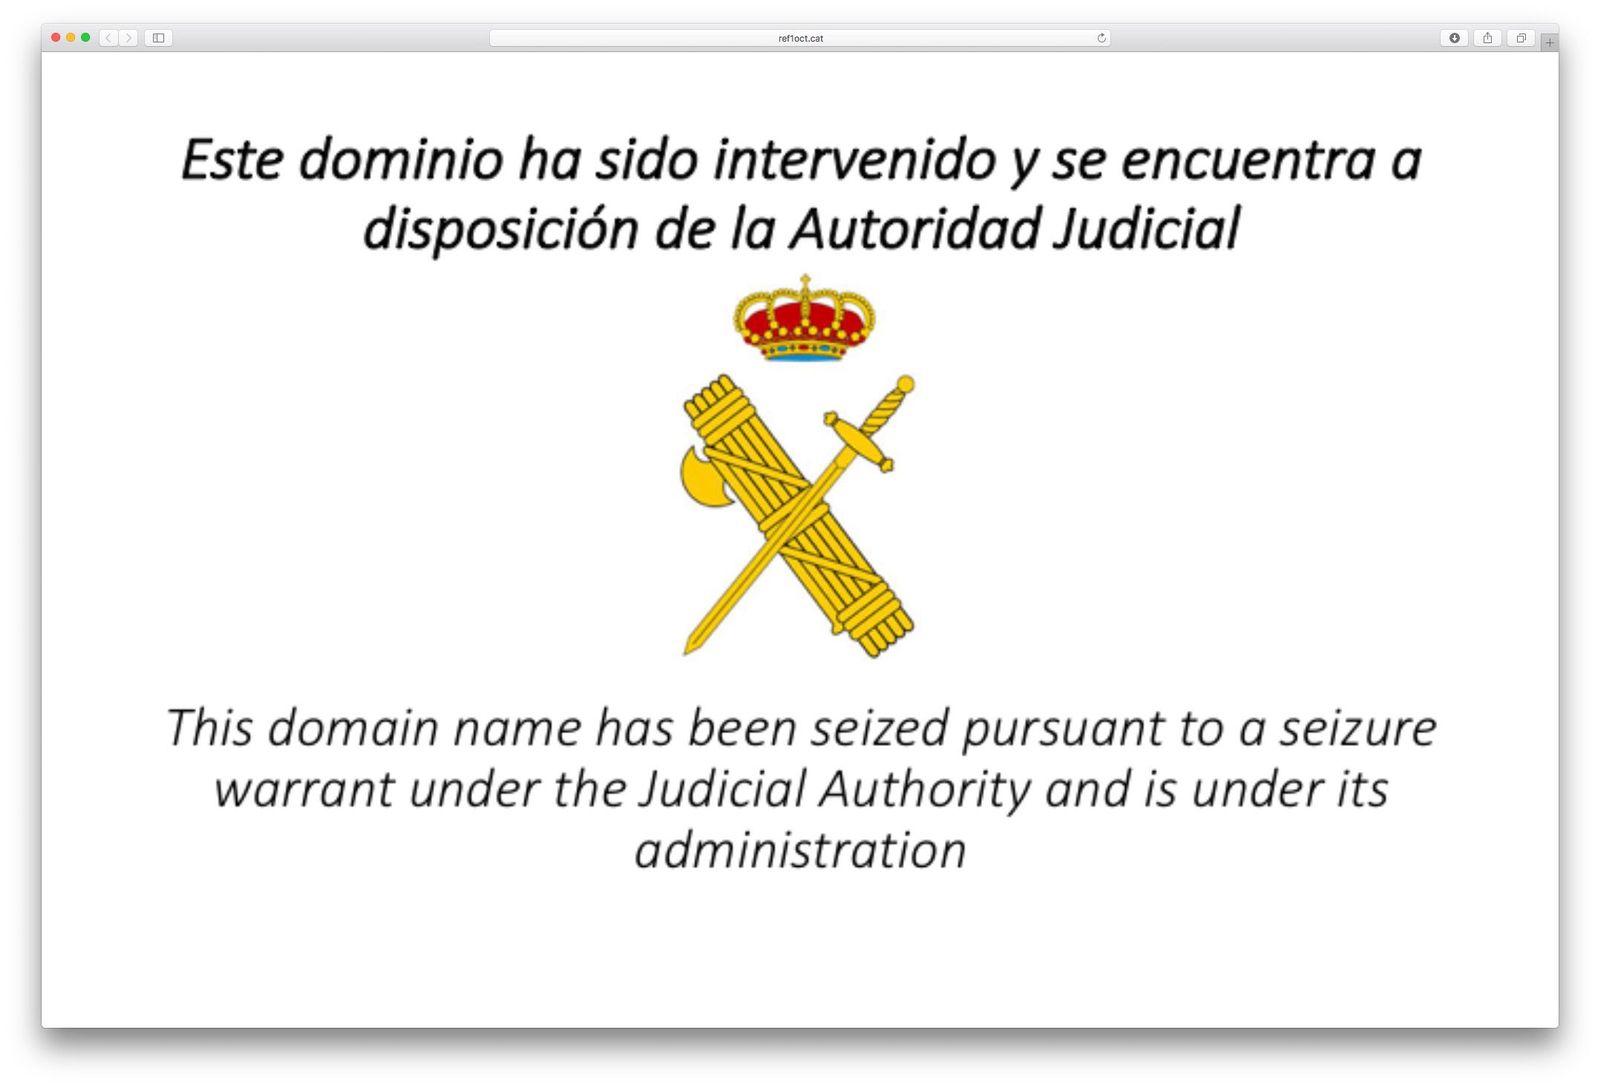 EINMALIGE VERWENDUNG SCREENSHOT NUR ALS ZITAT! Katalonien/Internet